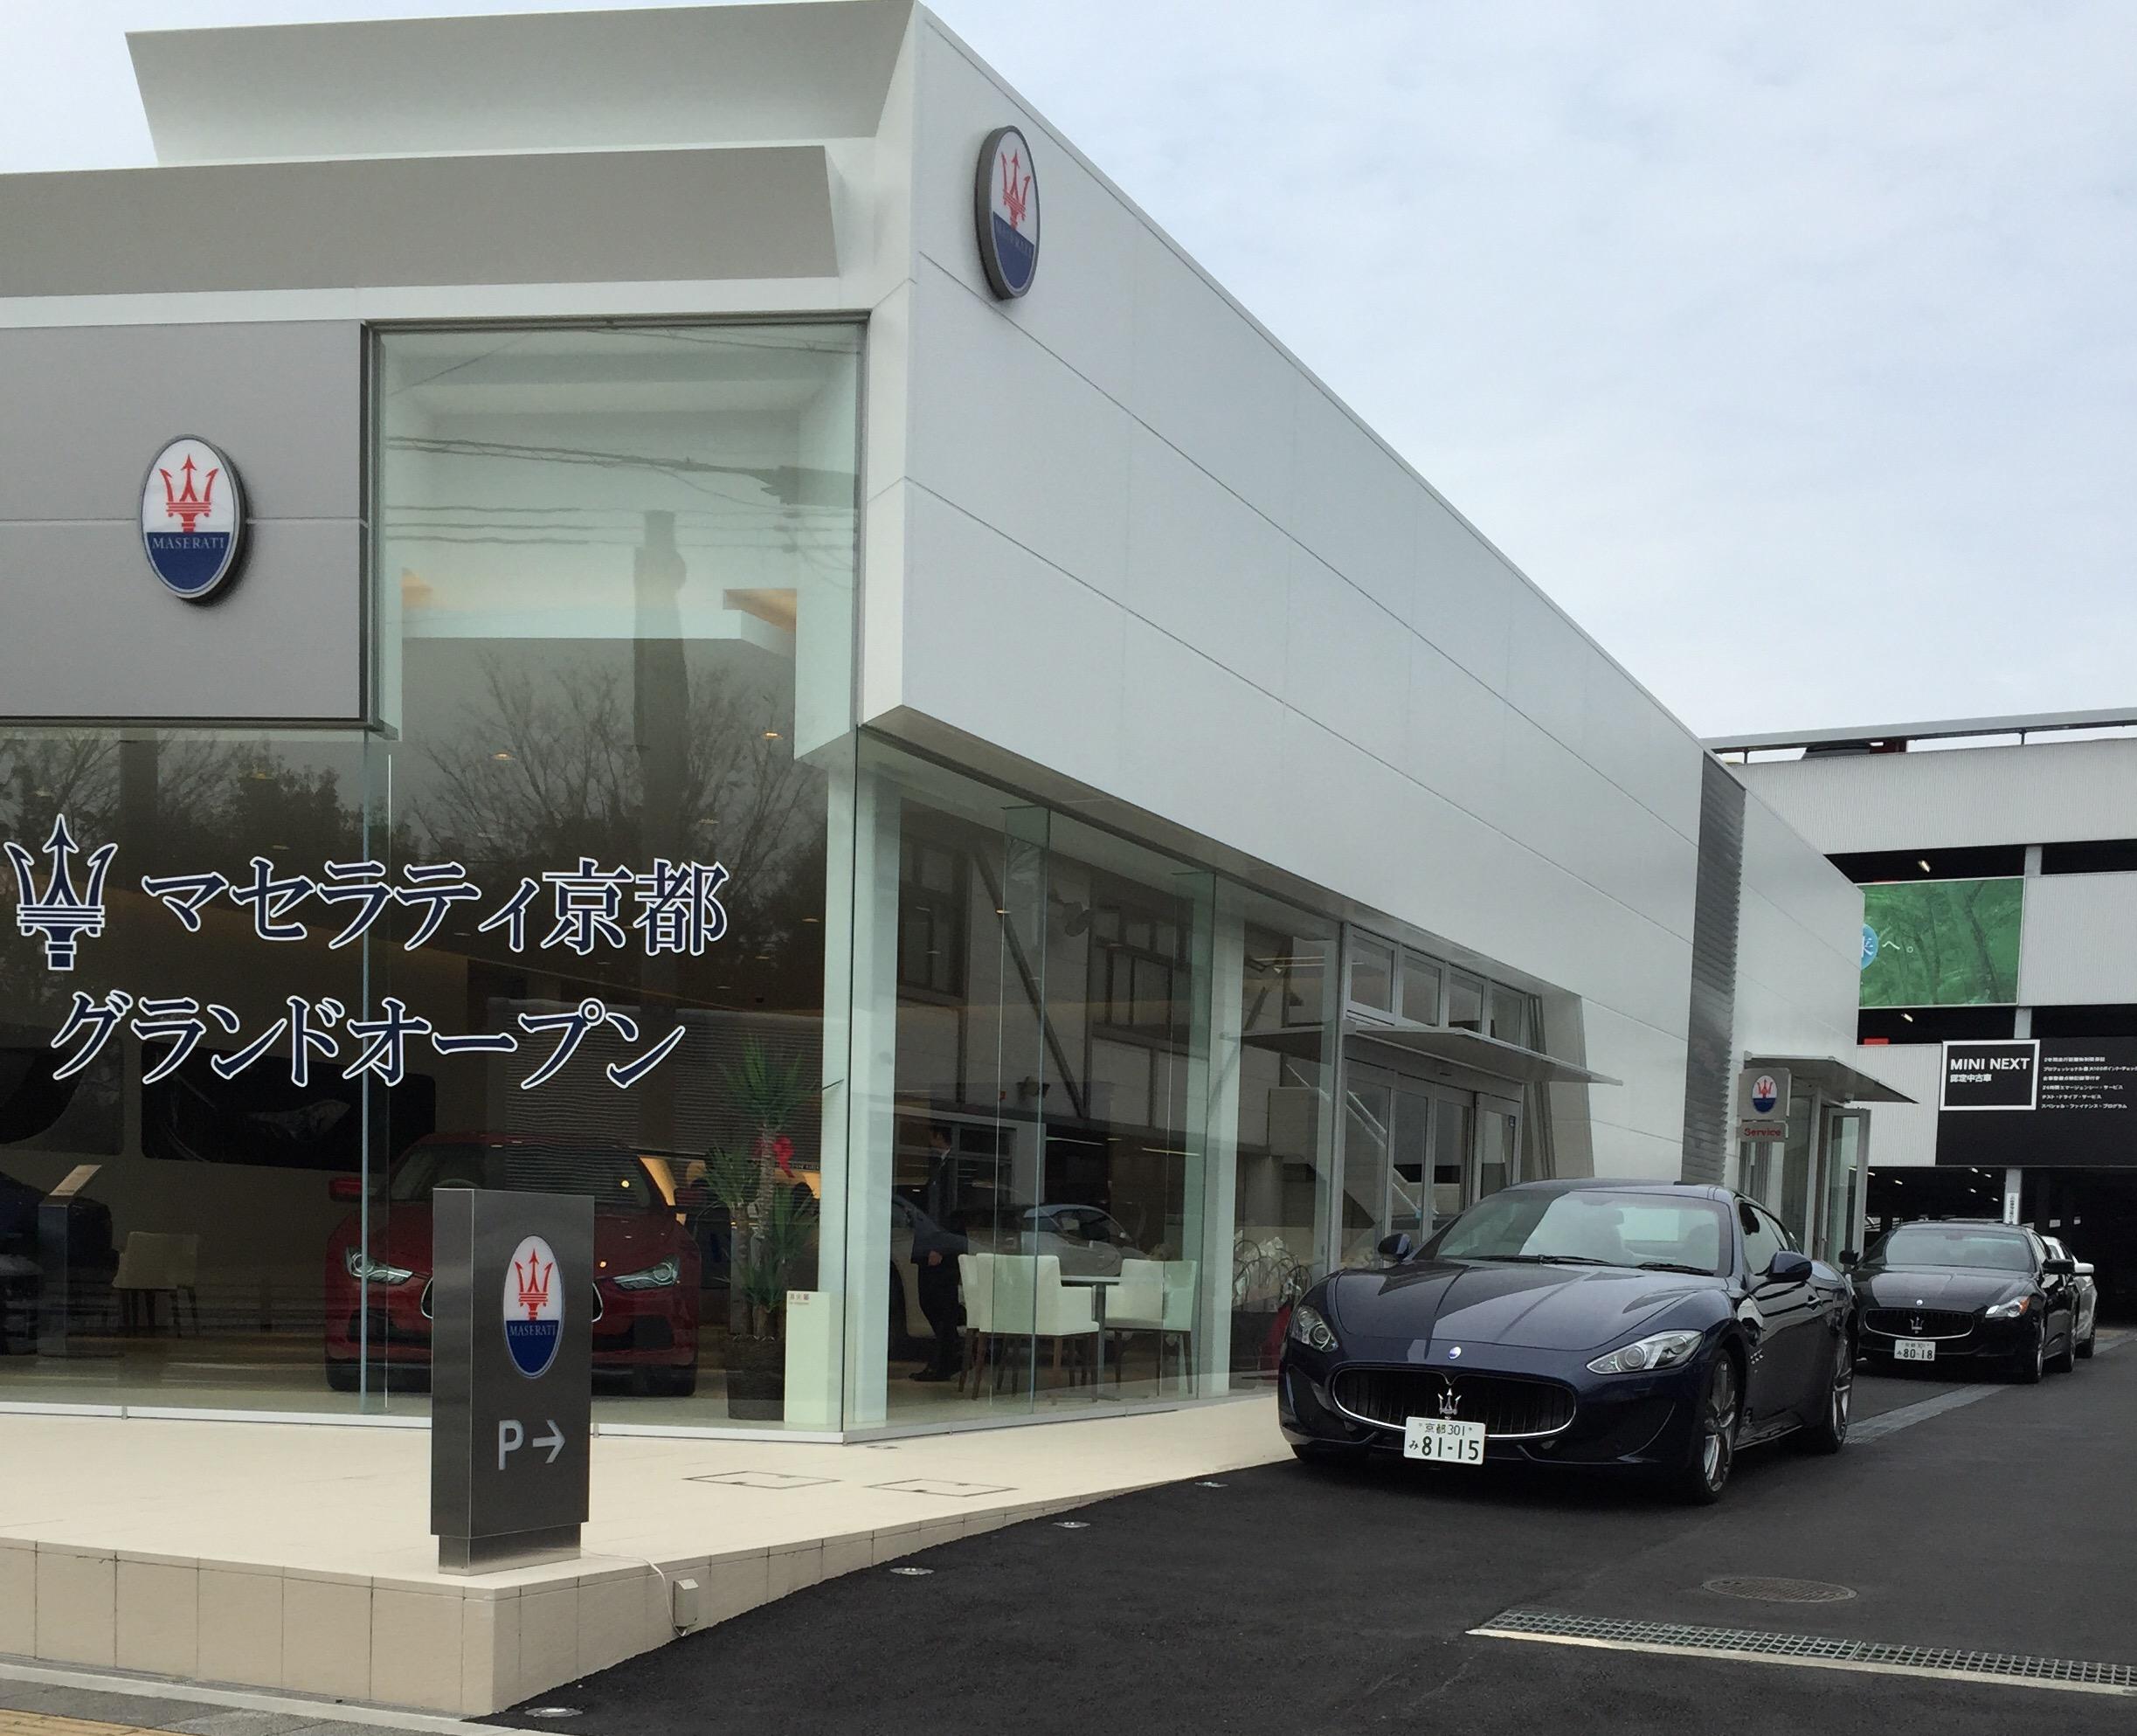 マセラティ京都でギブリの実車を初めてみました!